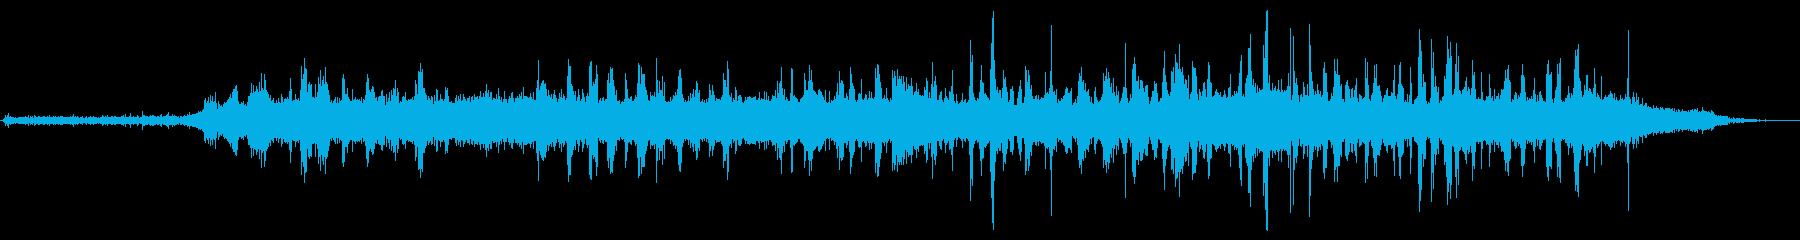 ガスローントリマー:開始、実行、停...の再生済みの波形